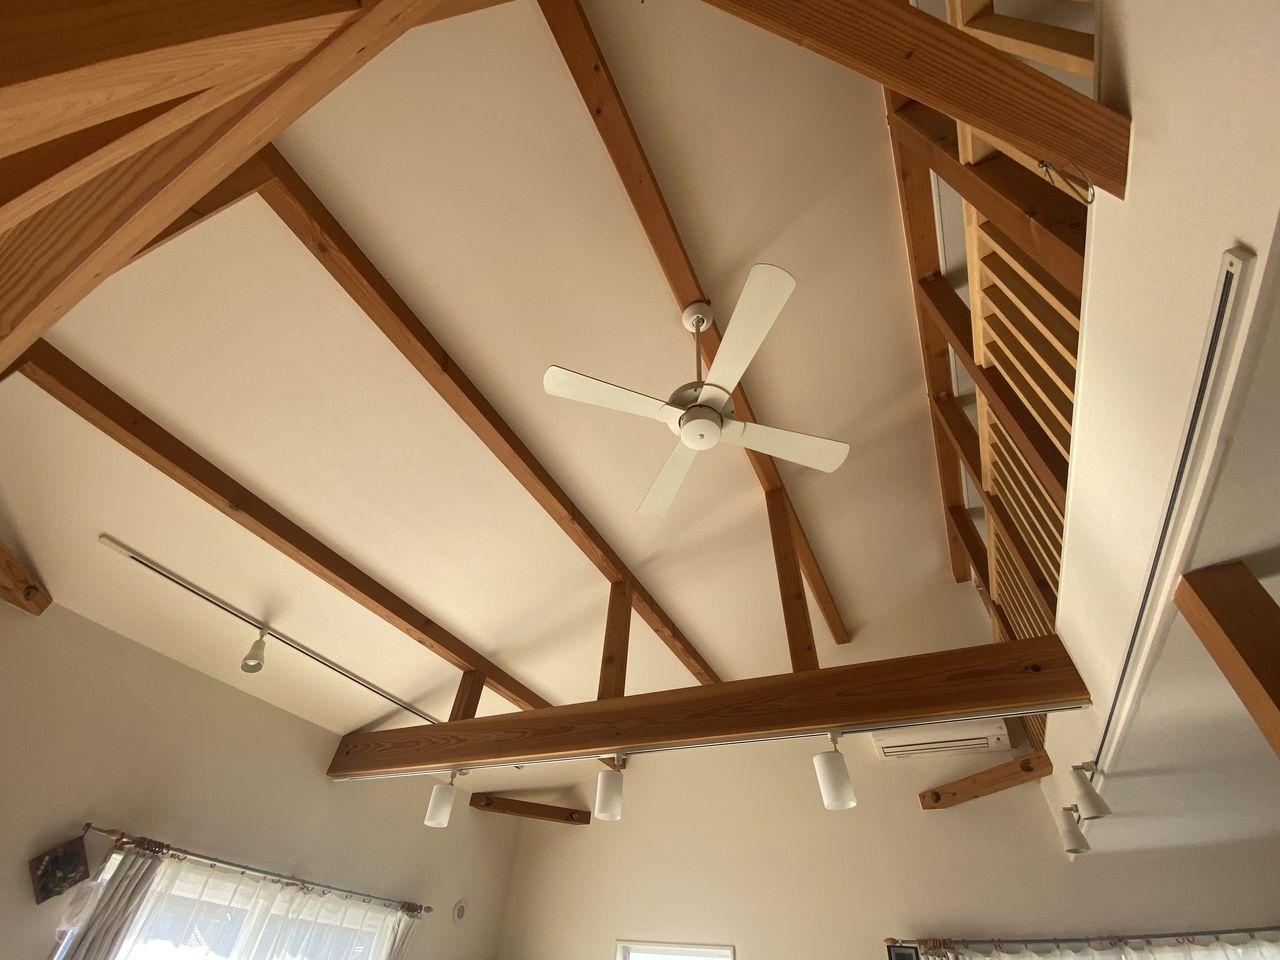 天井が高く開放感が感じられます。化粧小屋梁が暖かみのあるお洒落な空間を演出してくれます。